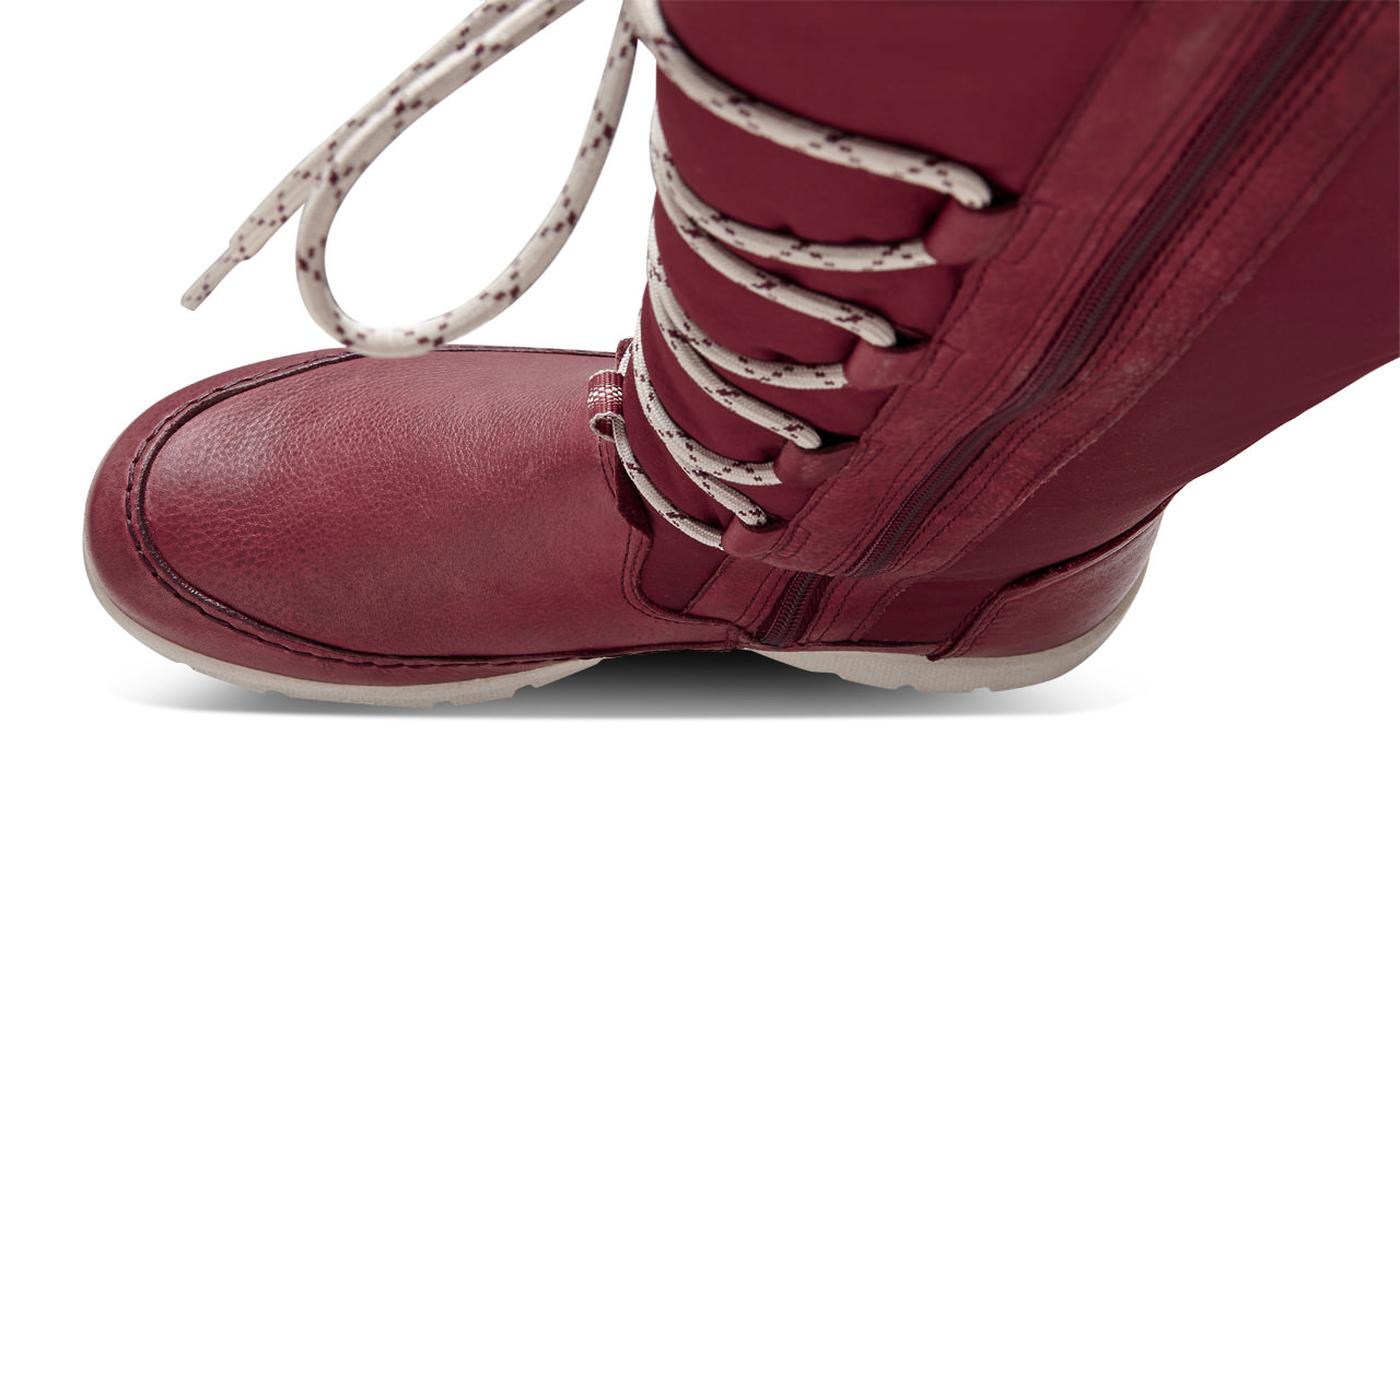 ECCO BABETT BOOT High-cut Boot